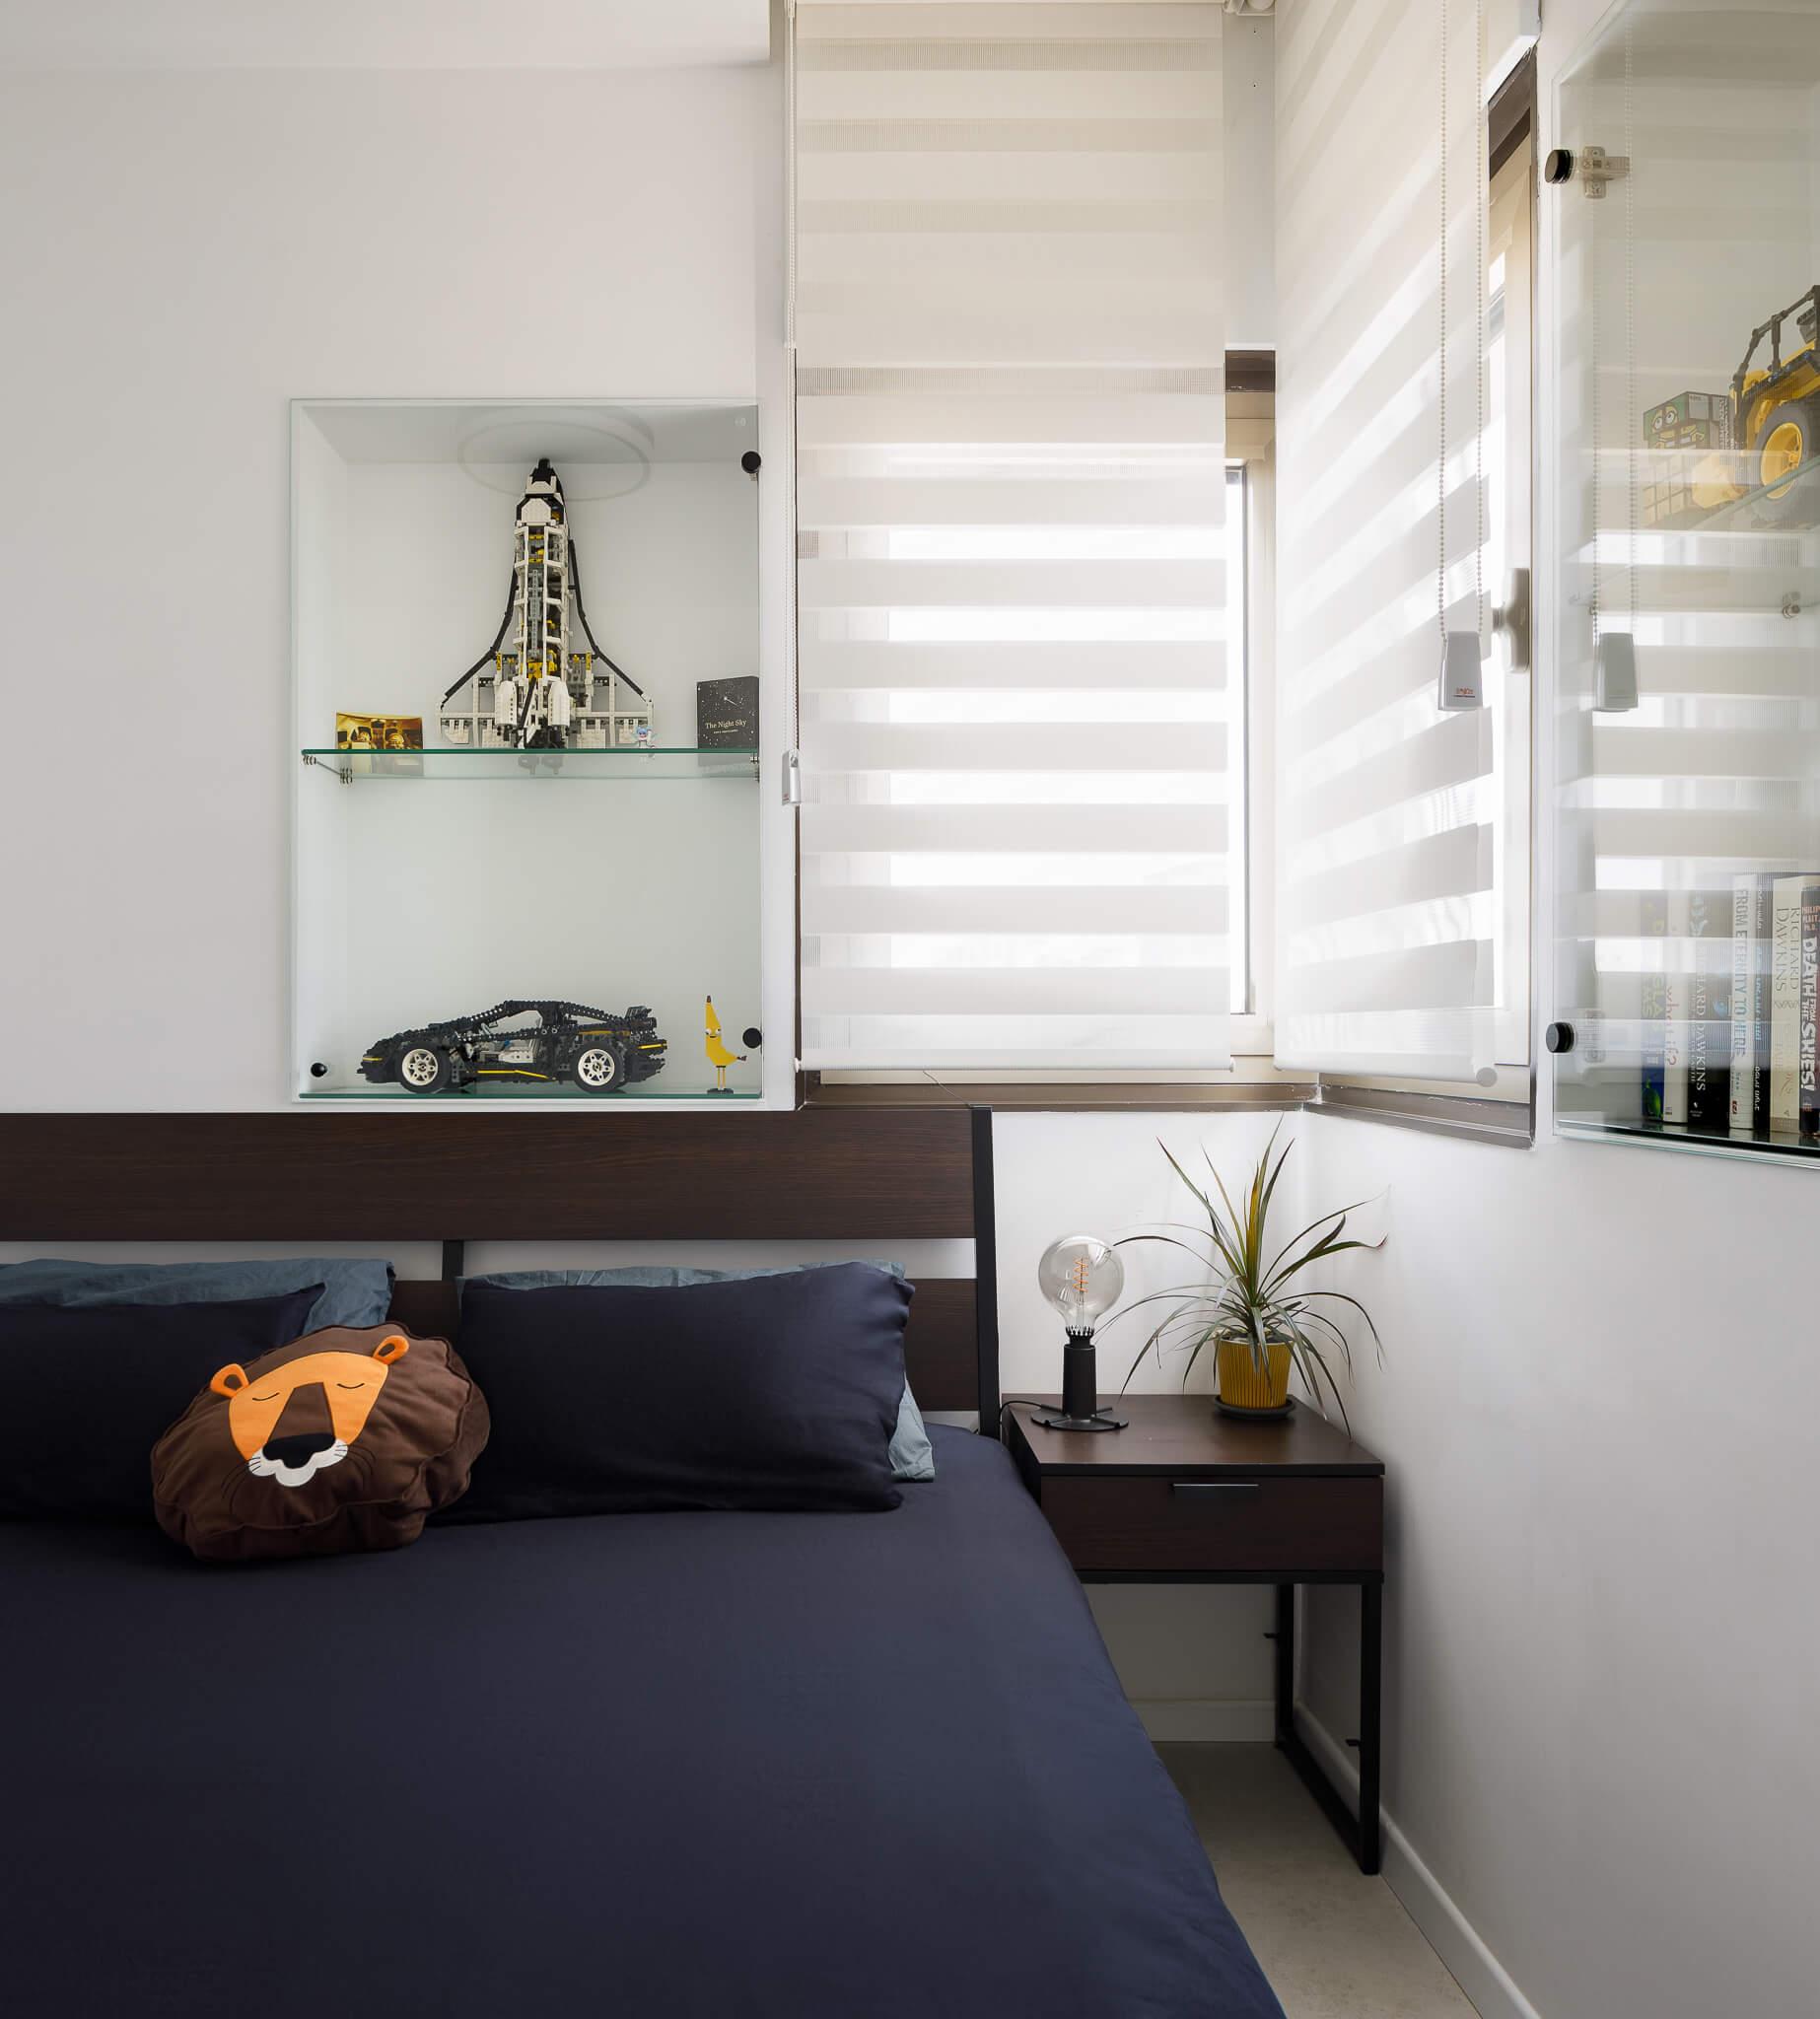 חדר השינה בדיזנגוף